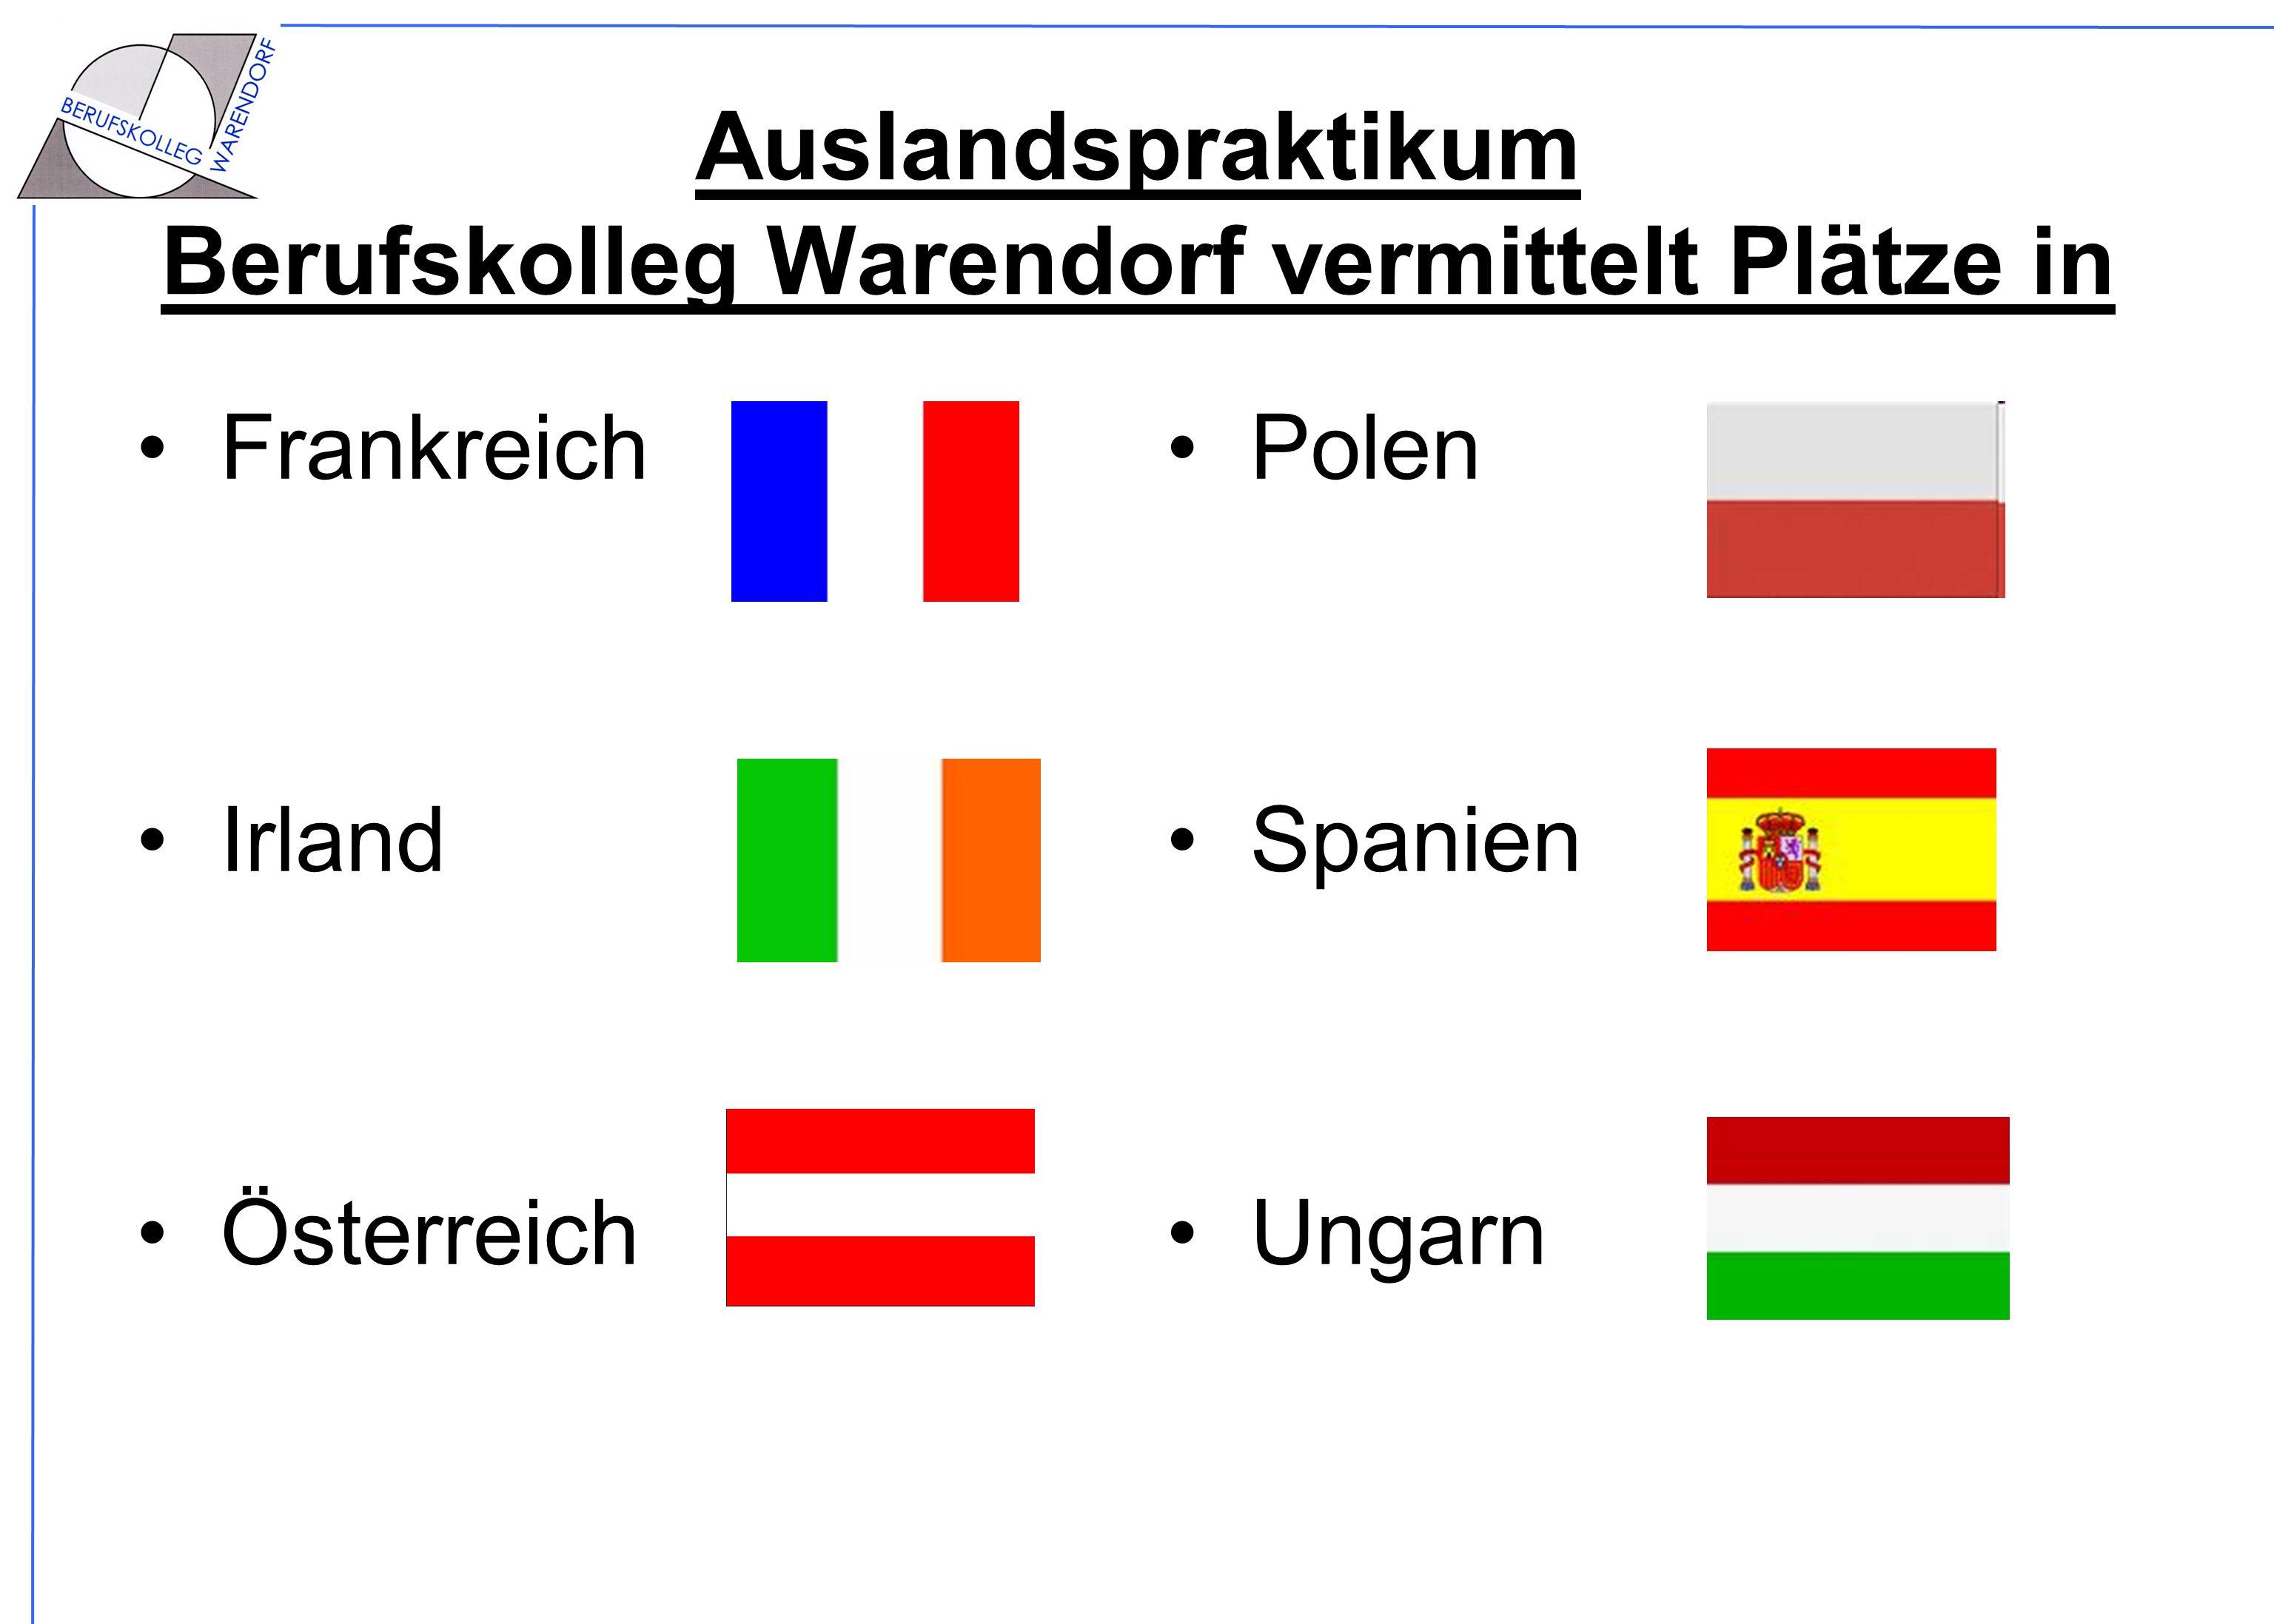 Auslandspraktikum Berufskolleg Warendorf vermittelt Plätze in Frankreich Irland Österreich Polen Spanien Ungarn